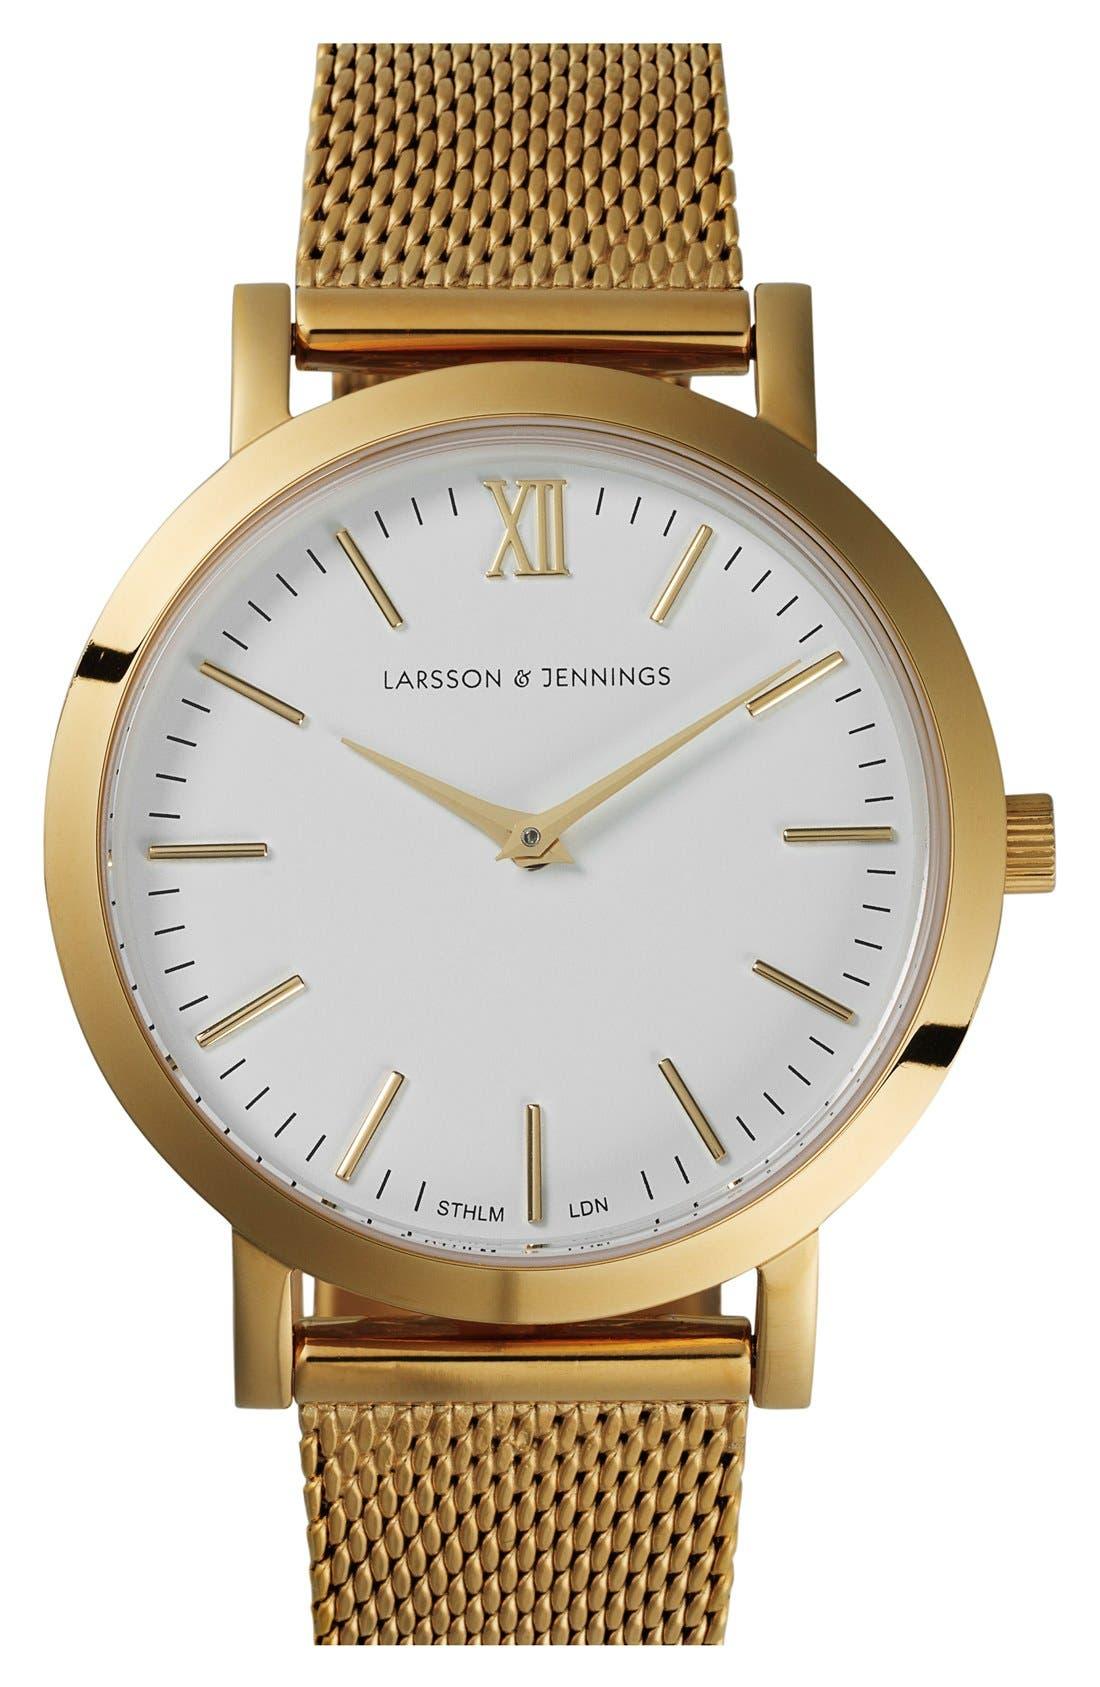 LARSSON & JENNINGS Lugano Mesh Strap Watch, 33mm